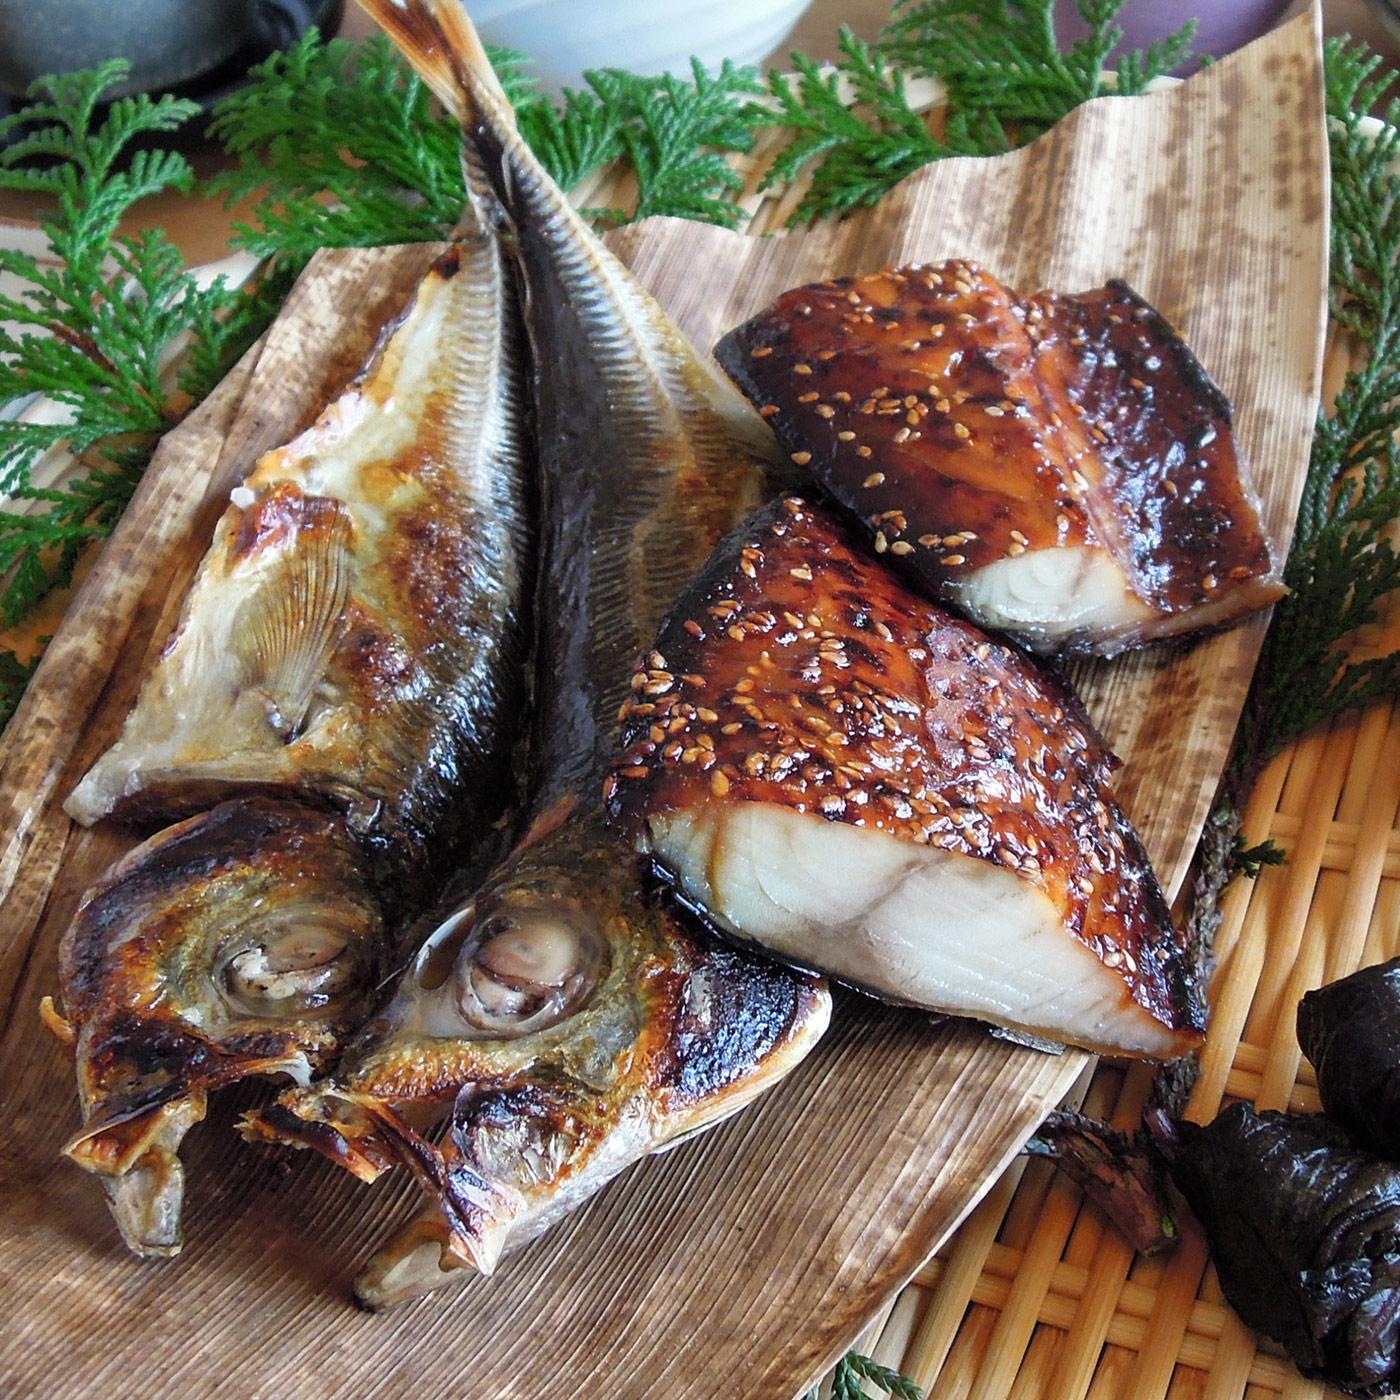 肉厚の鯖の味醂干しは、まさに日本の朝餉。